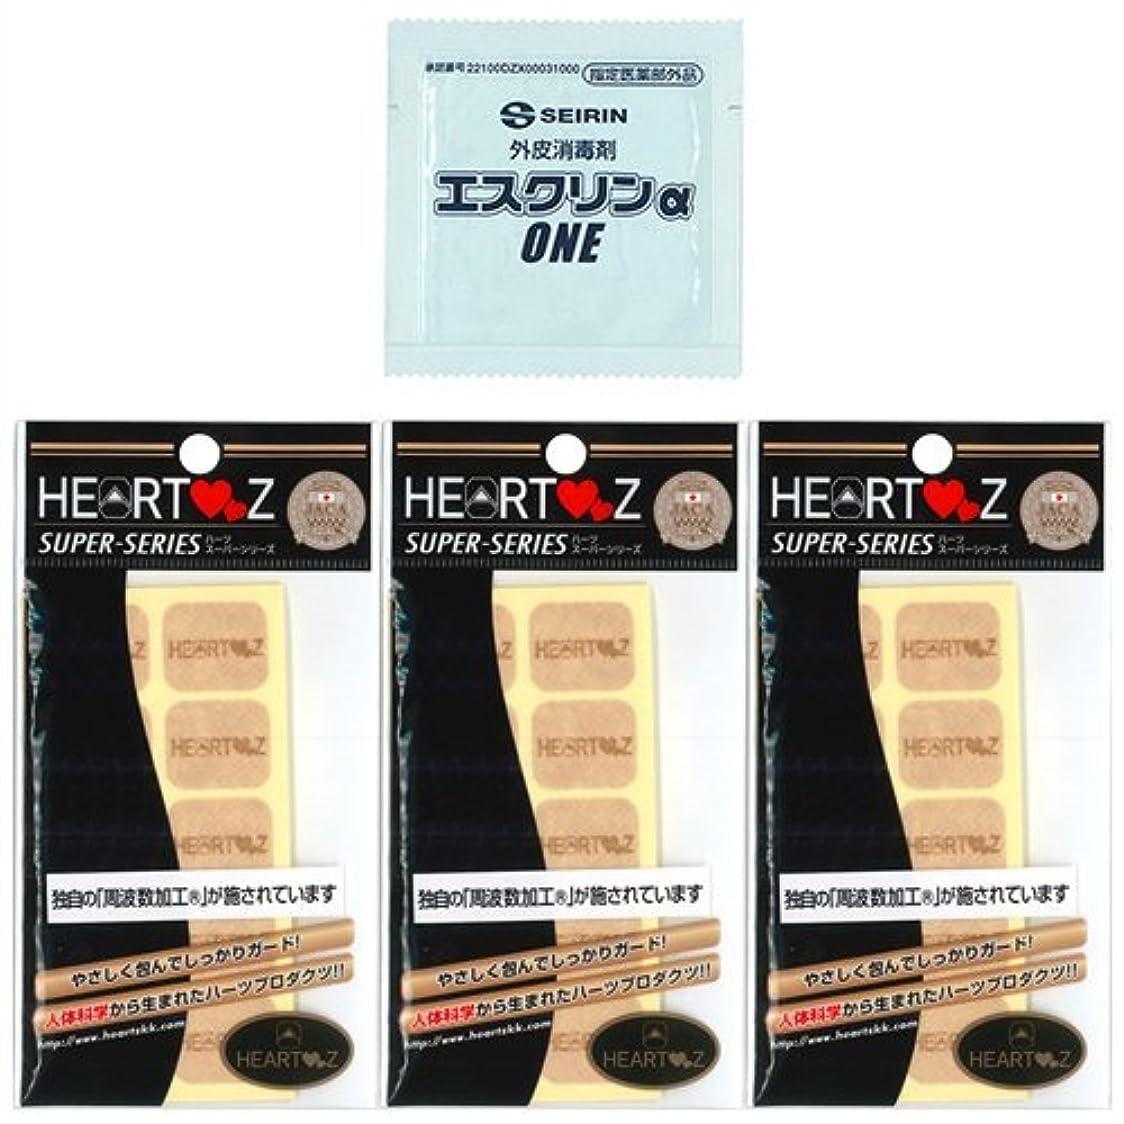 まばたきうねるサービス【HEARTZ(ハーツ)】ハーツスーパーシール レギュラータイプ 80枚入×3個セット (計240枚) + エスクリンαONEx1個 セット